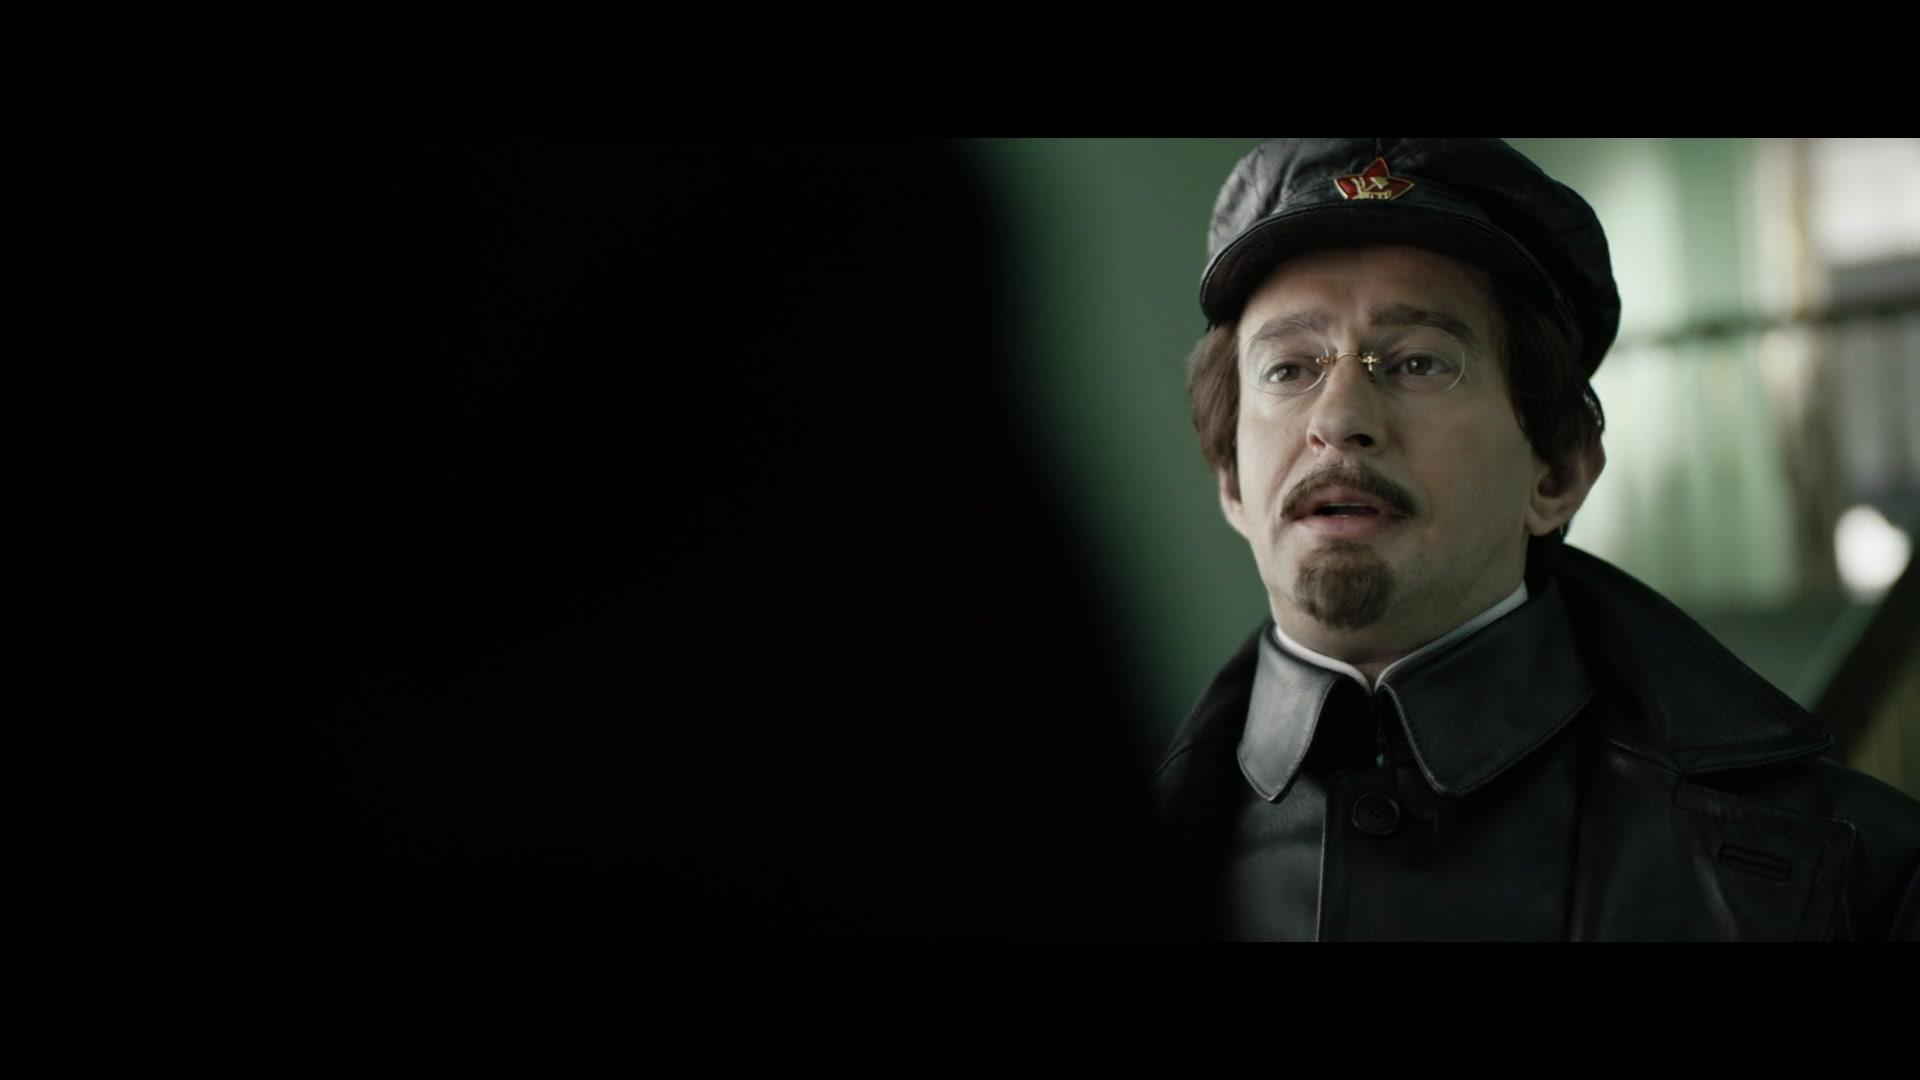 Trotsky S01